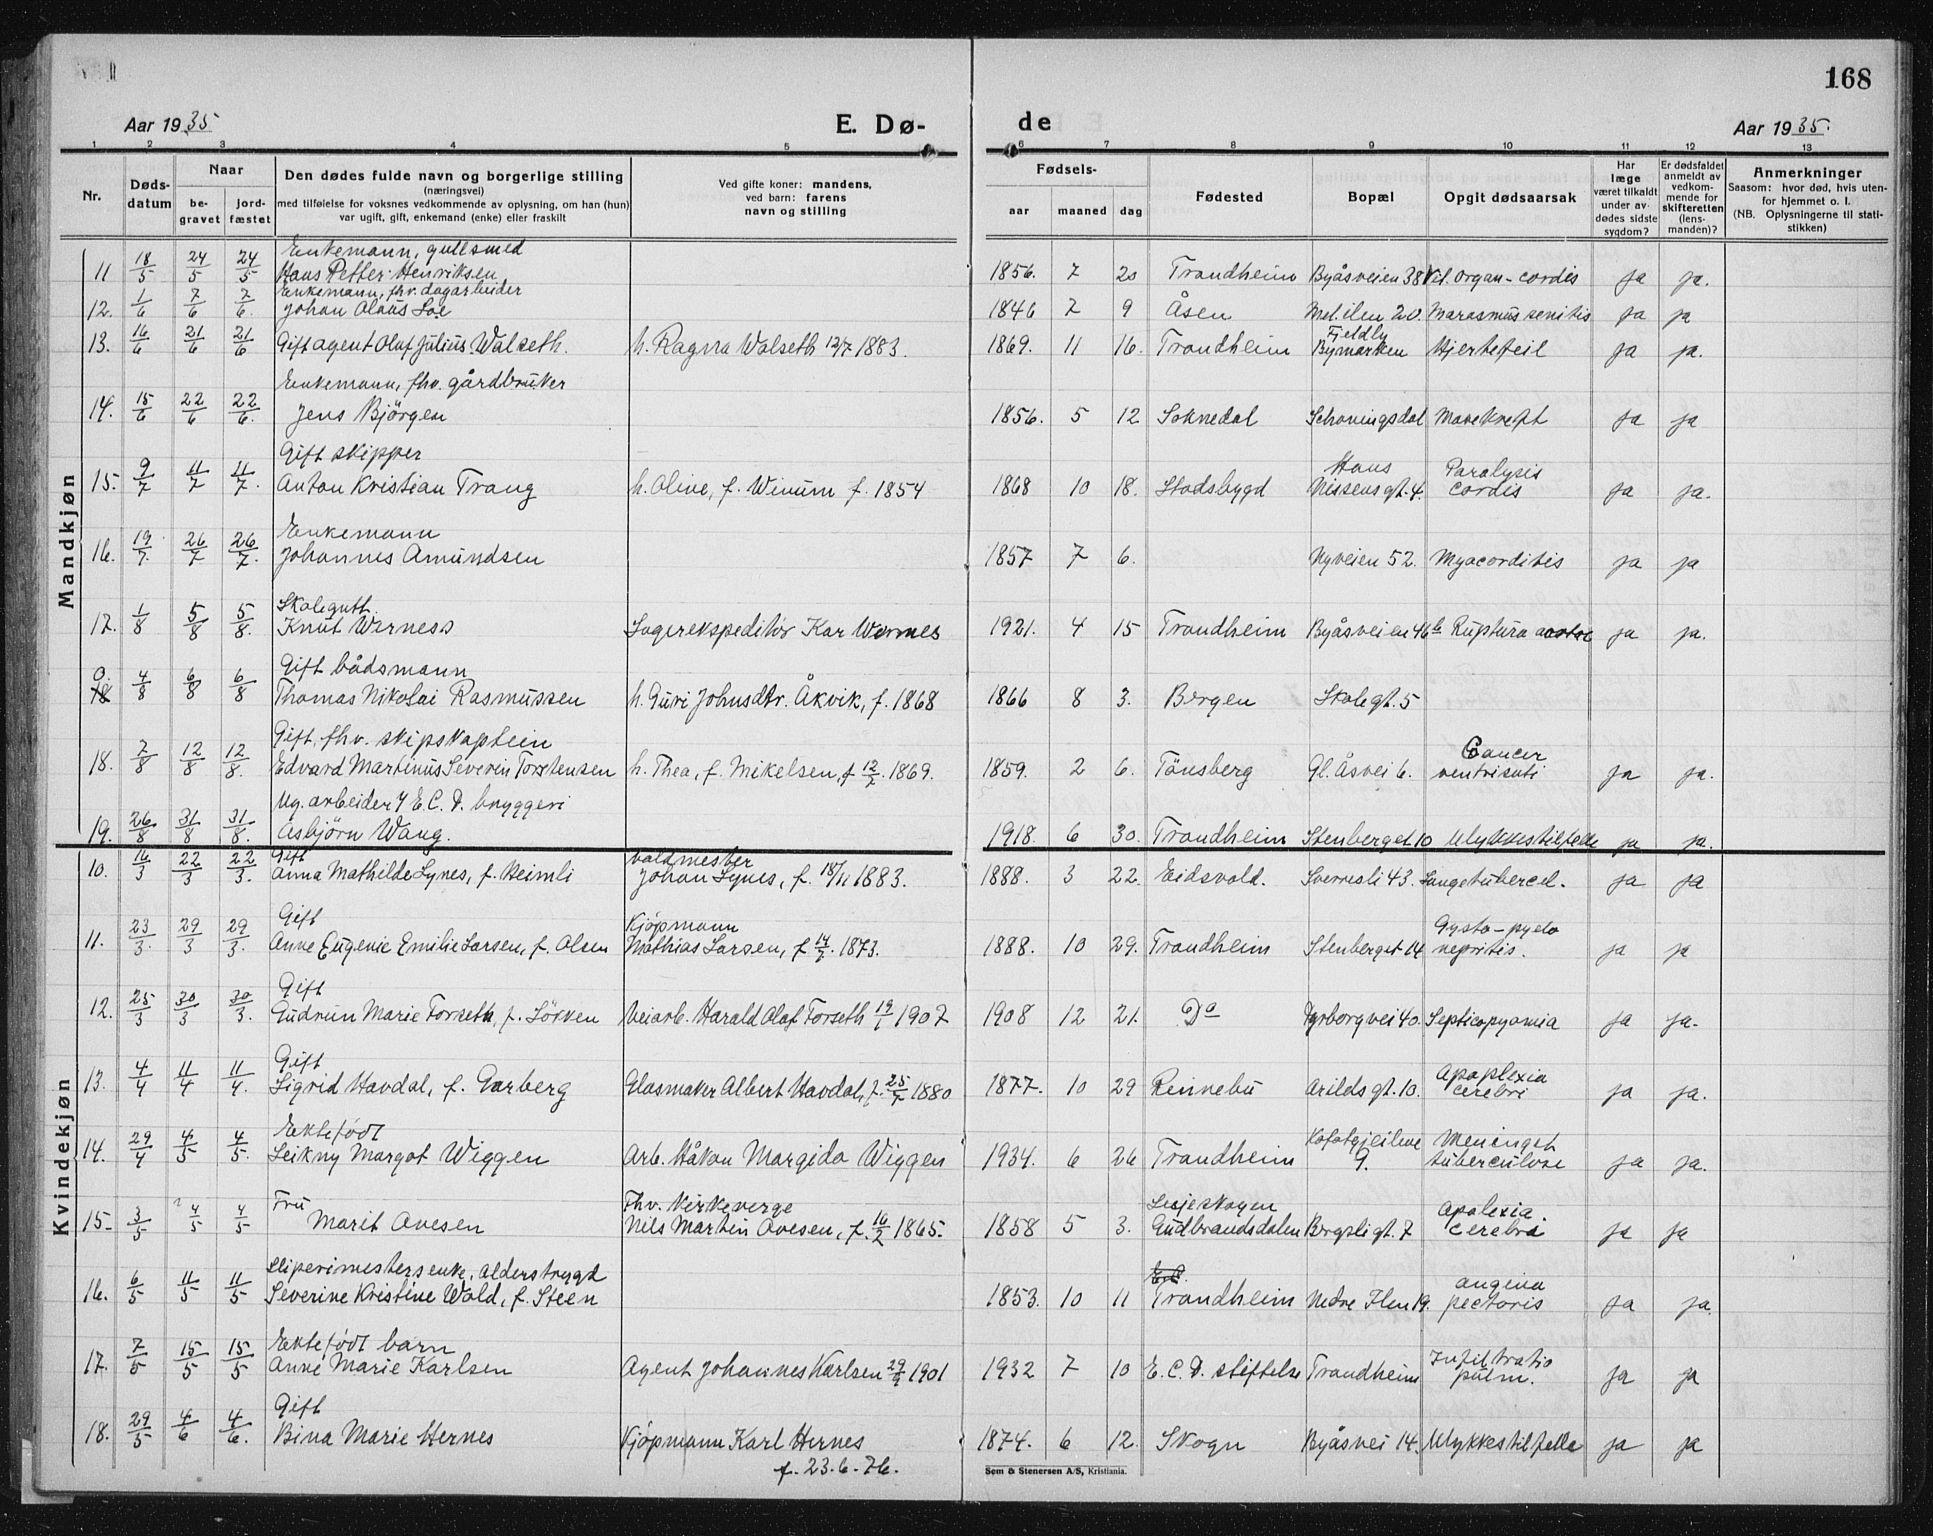 SAT, Ministerialprotokoller, klokkerbøker og fødselsregistre - Sør-Trøndelag, 603/L0176: Klokkerbok nr. 603C04, 1923-1941, s. 168